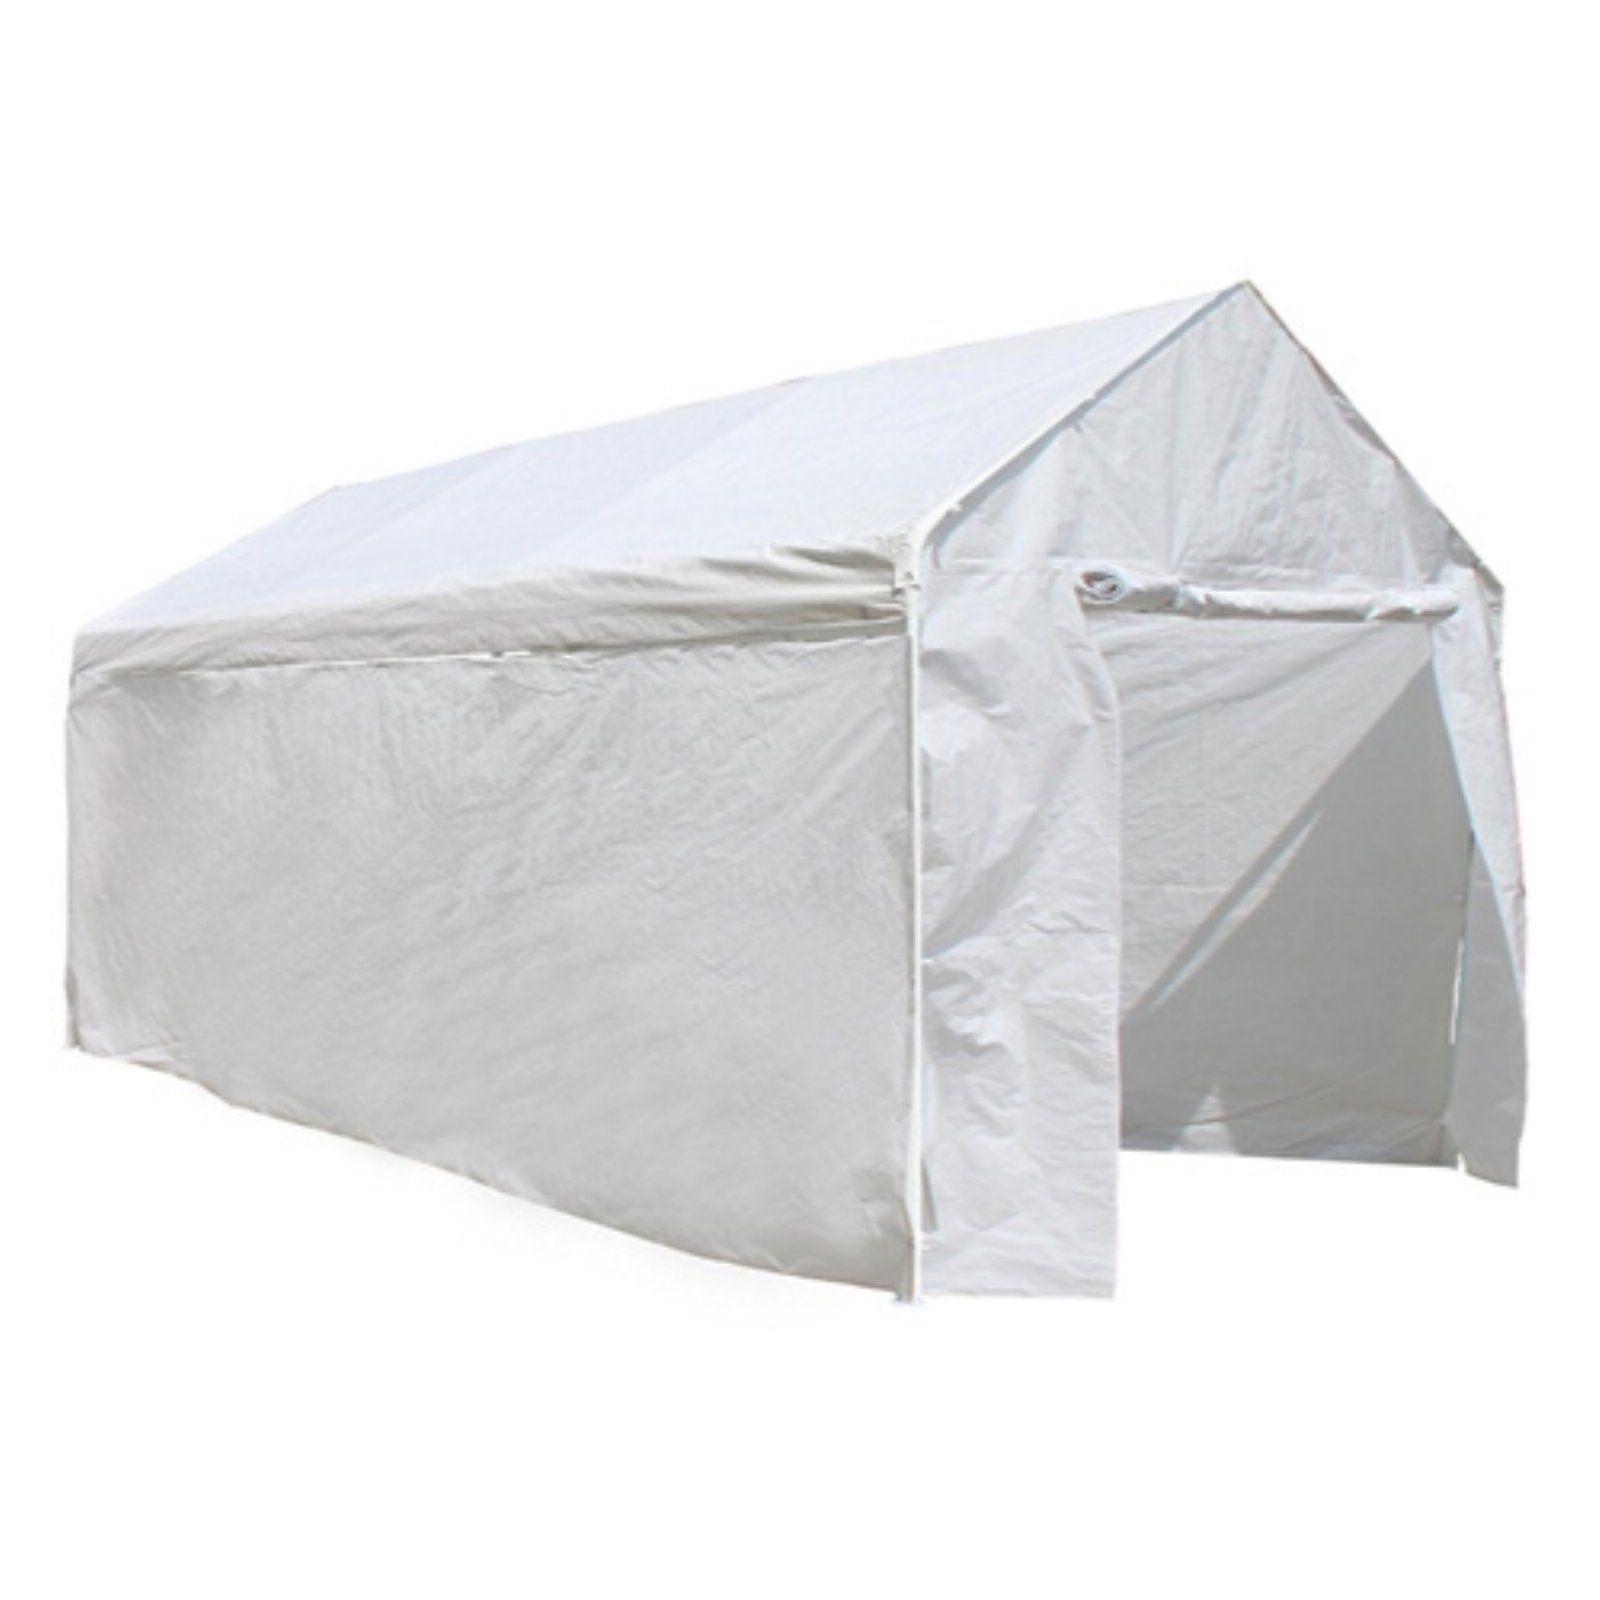 ALEKO 20 x 10 ft. Gazebo Carport Canopy Kit in 2019